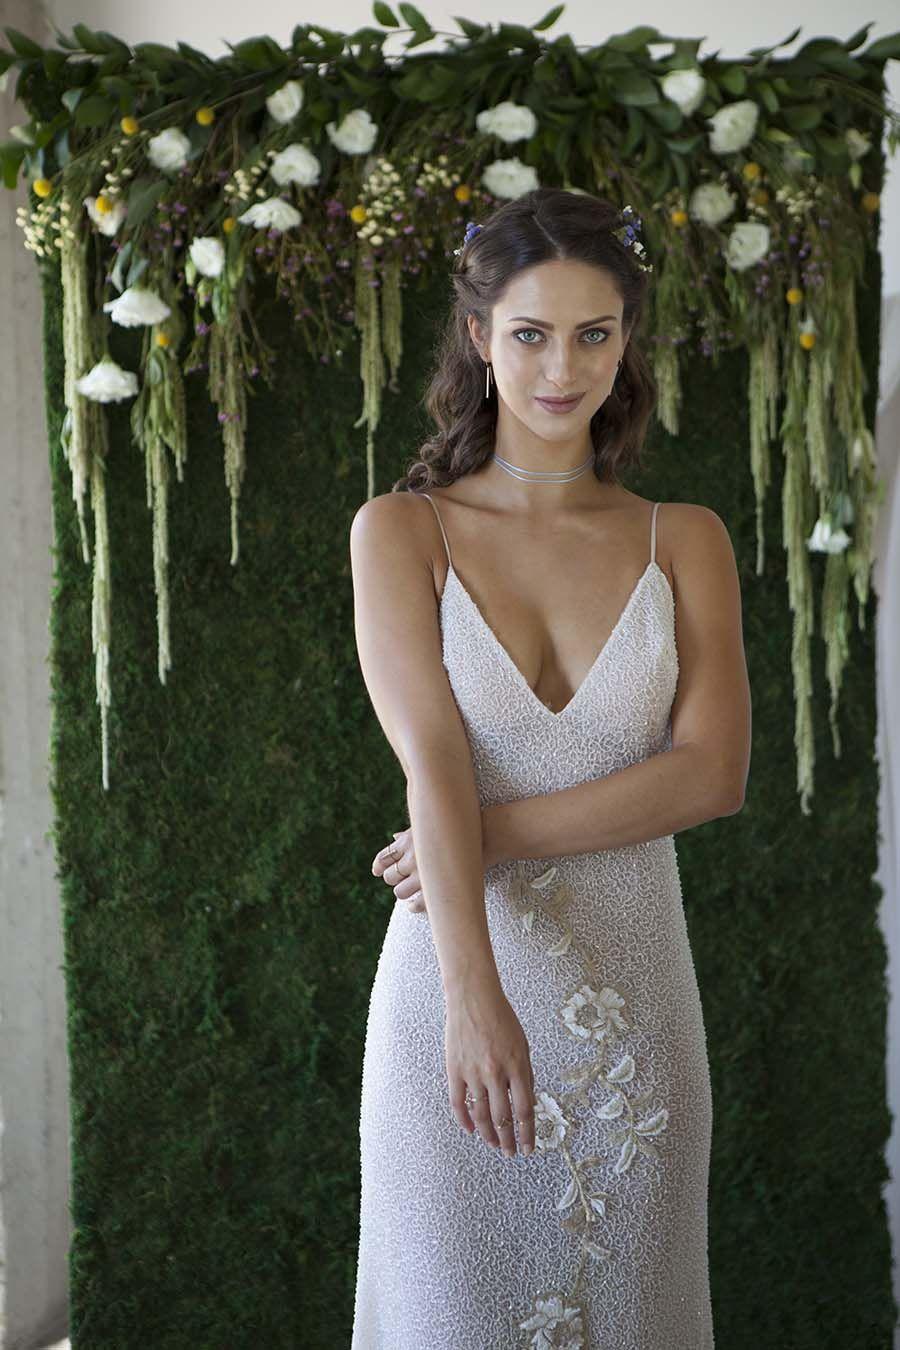 5d06bb9a8376 Wedding Dresses Tara Lauren Bridal Collection, wedding ideas, wedding  inspiration, bridal gown, bohemian, 70's, feminine, romantic